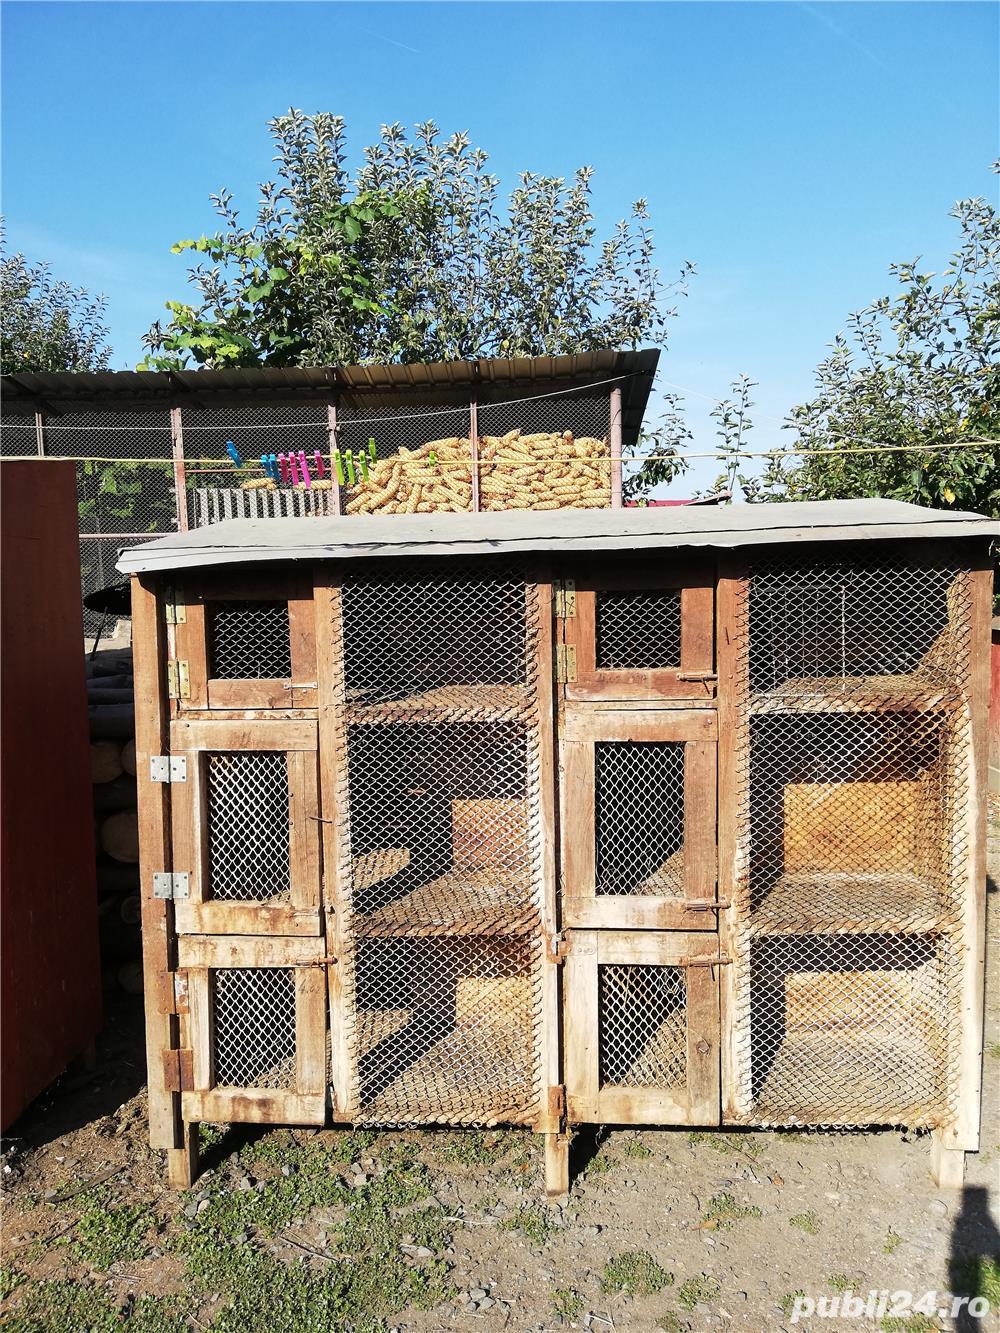 vand custi pentru iepuri in lei sau schimb lemne de foc